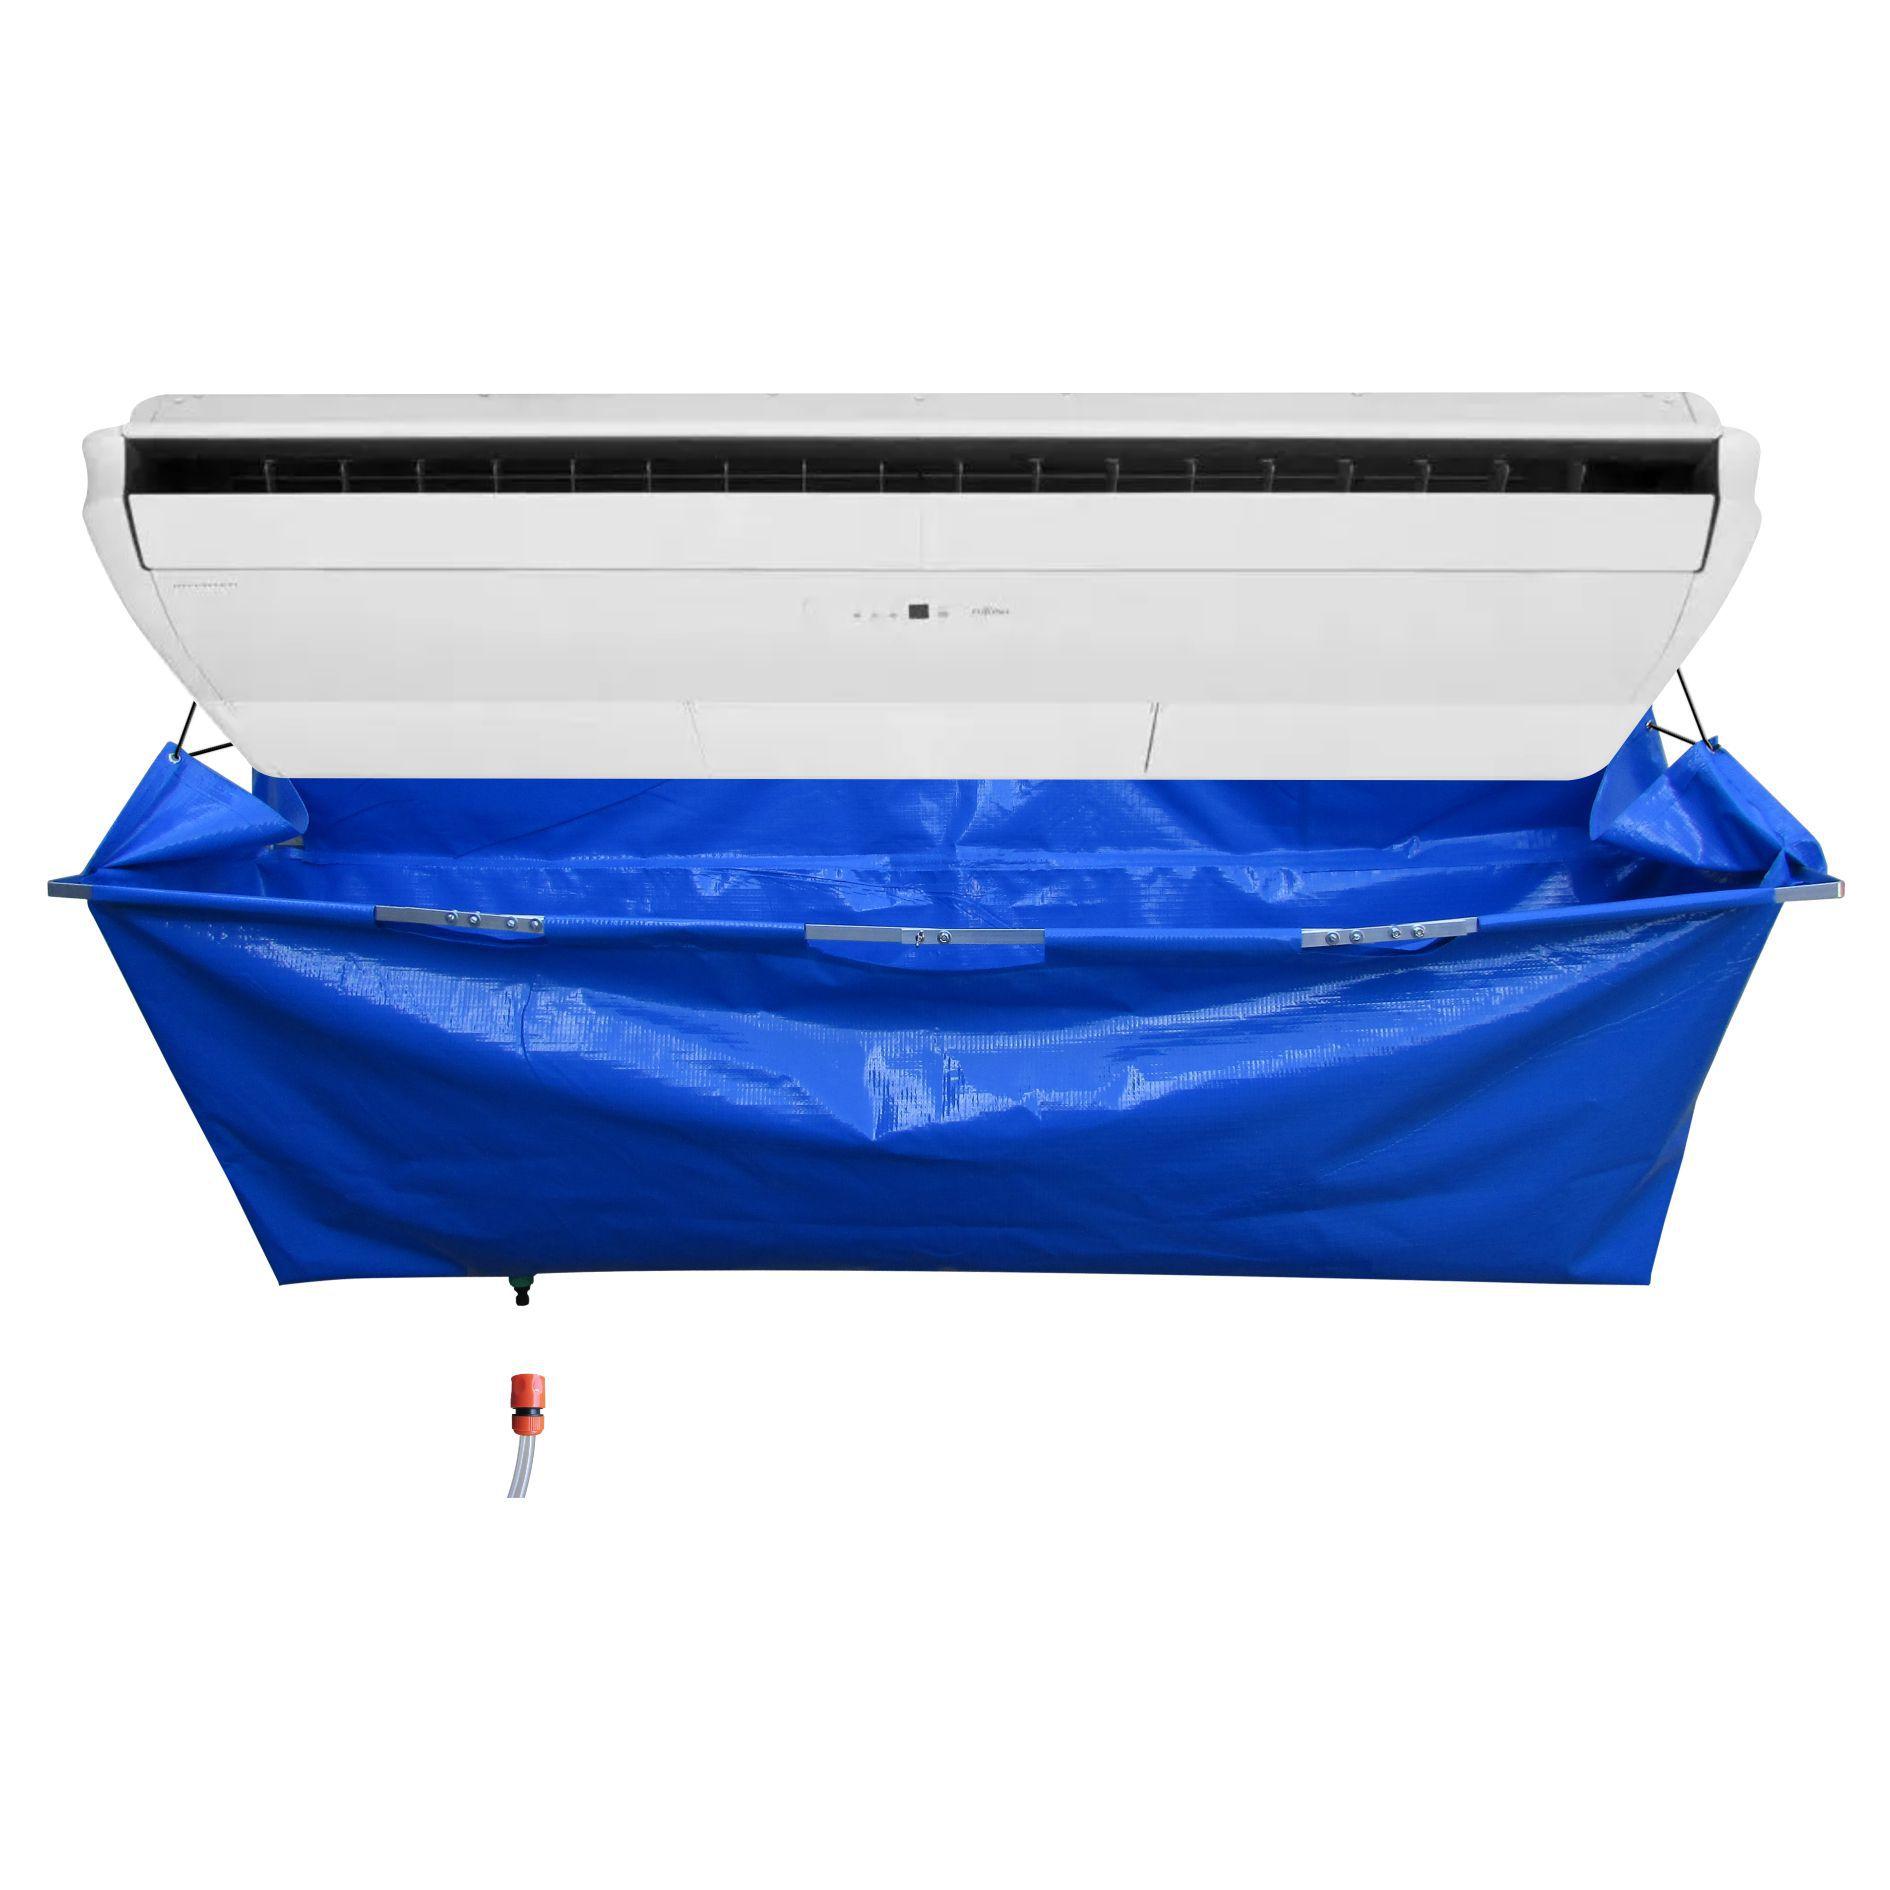 Kit para Limpeza de Ar Condicionado Piso Teto - Maquina Automatica GBMak Clean 5 Litros / Pulverizador Manual / Coletor de Residuos Piso Teto